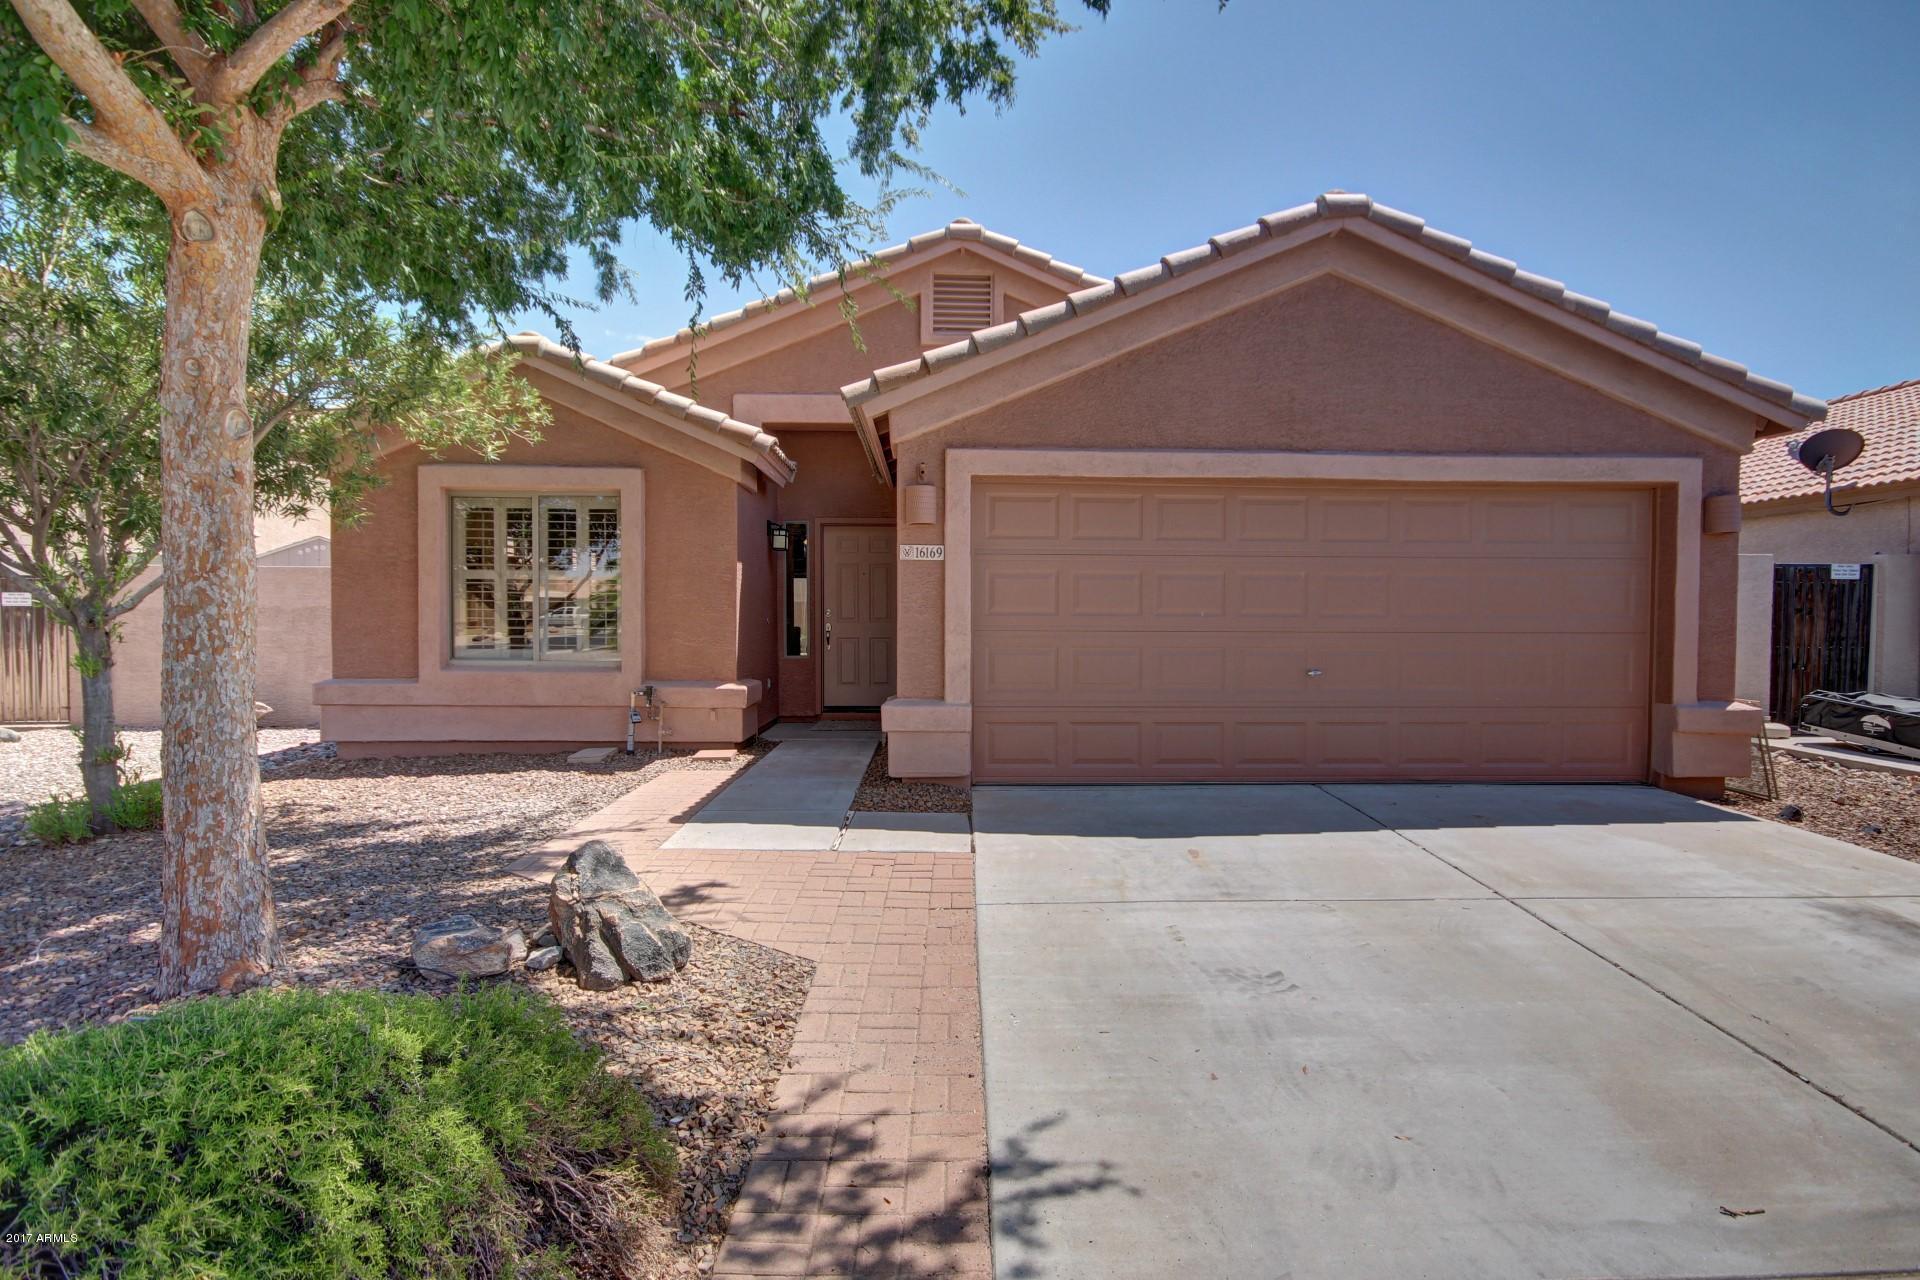 16169 W Davis  Road Surprise, AZ 85374 - img1